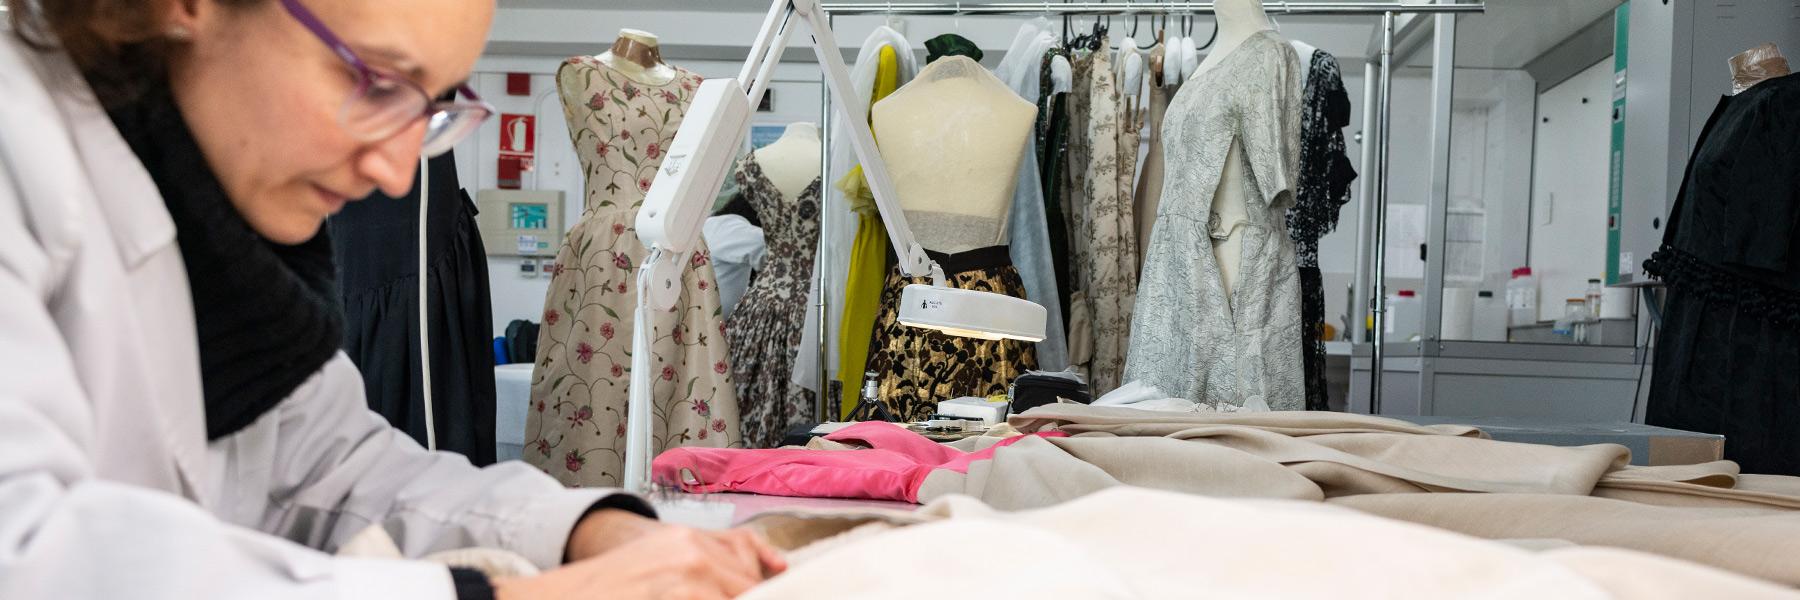 Imatge detall restauració vestits Balenciaga.